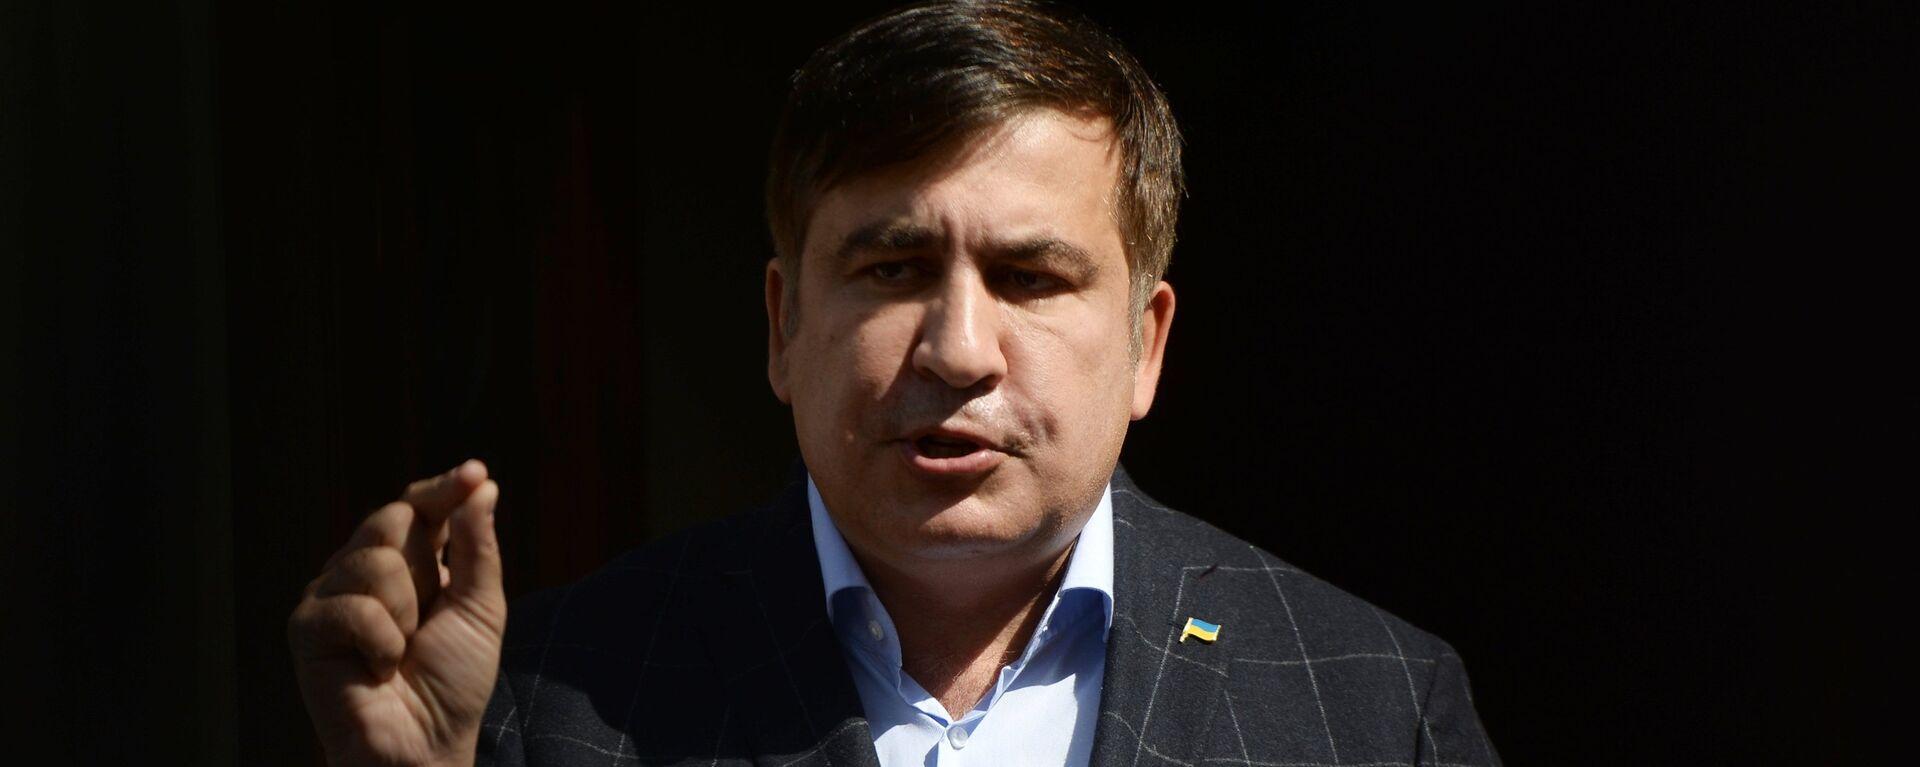 Пресс-конференция Михаила Саакашвили во Львове - Sputnik Mundo, 1920, 02.10.2021